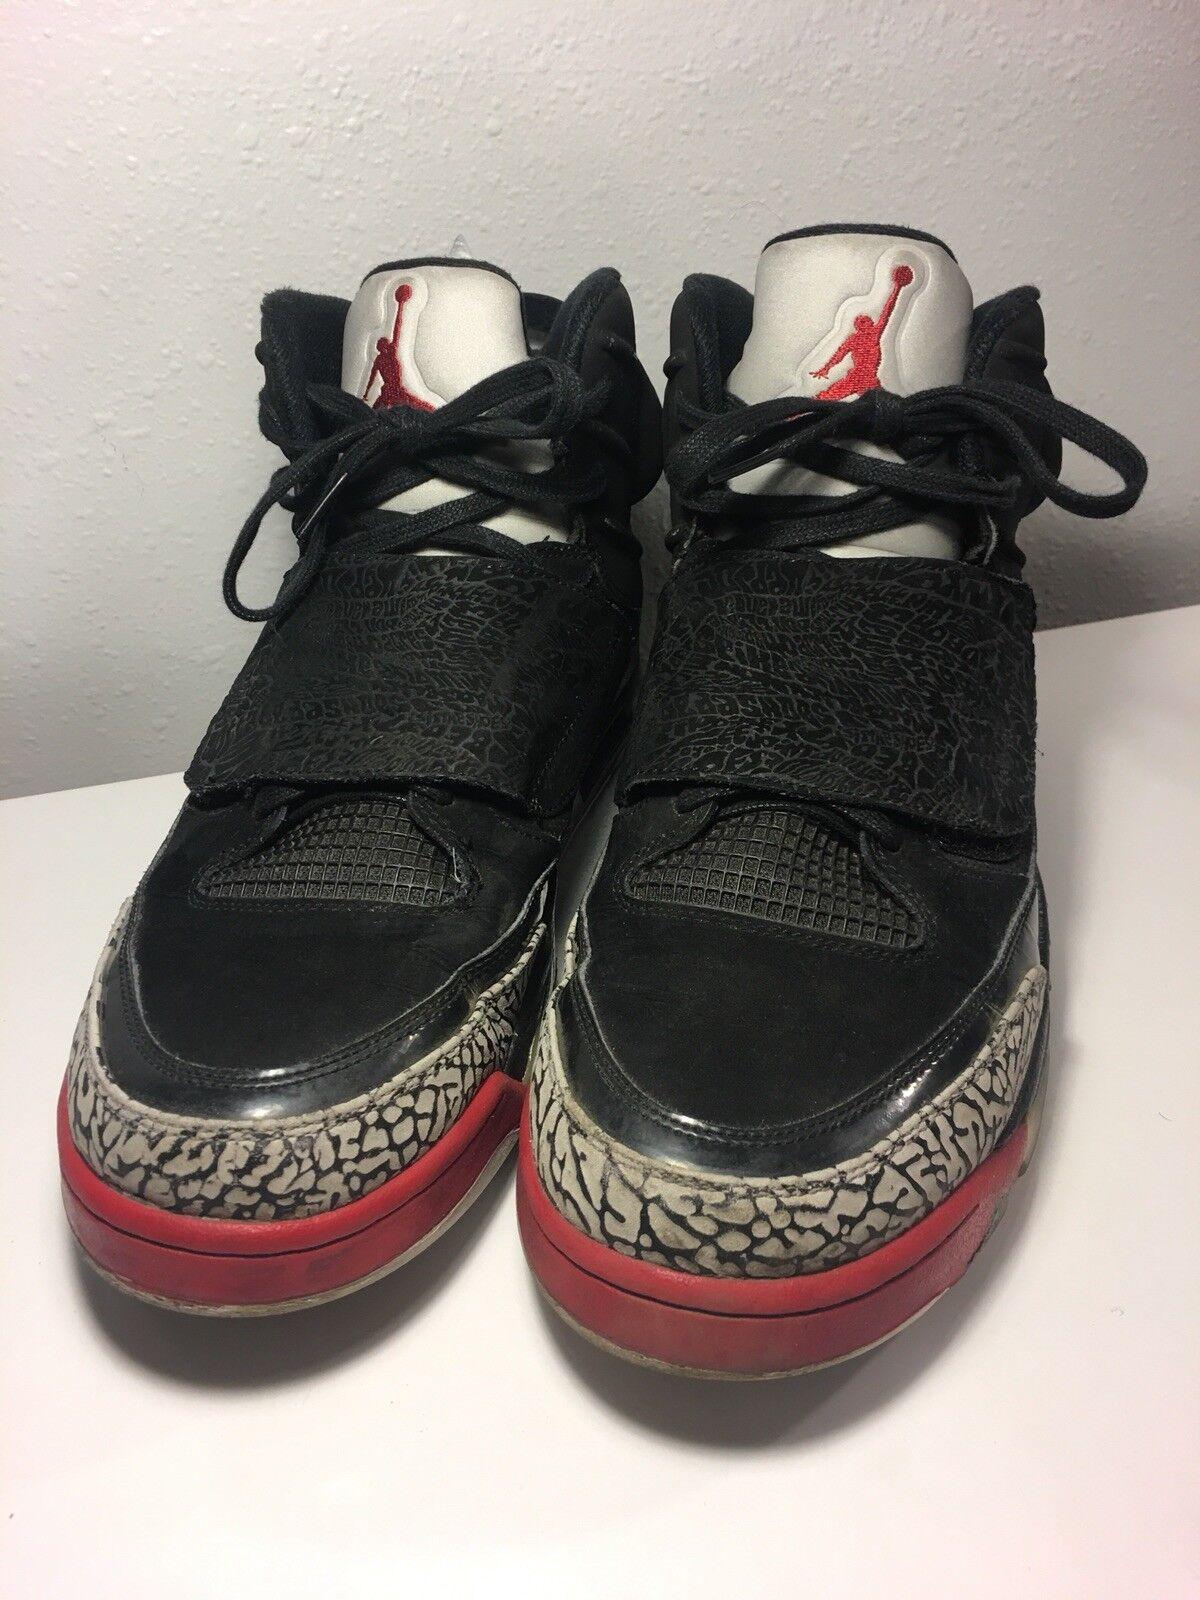 Nike air jordan, figlio di marte rosso fuoco rosso numero 13 512245-001 cemento grigio